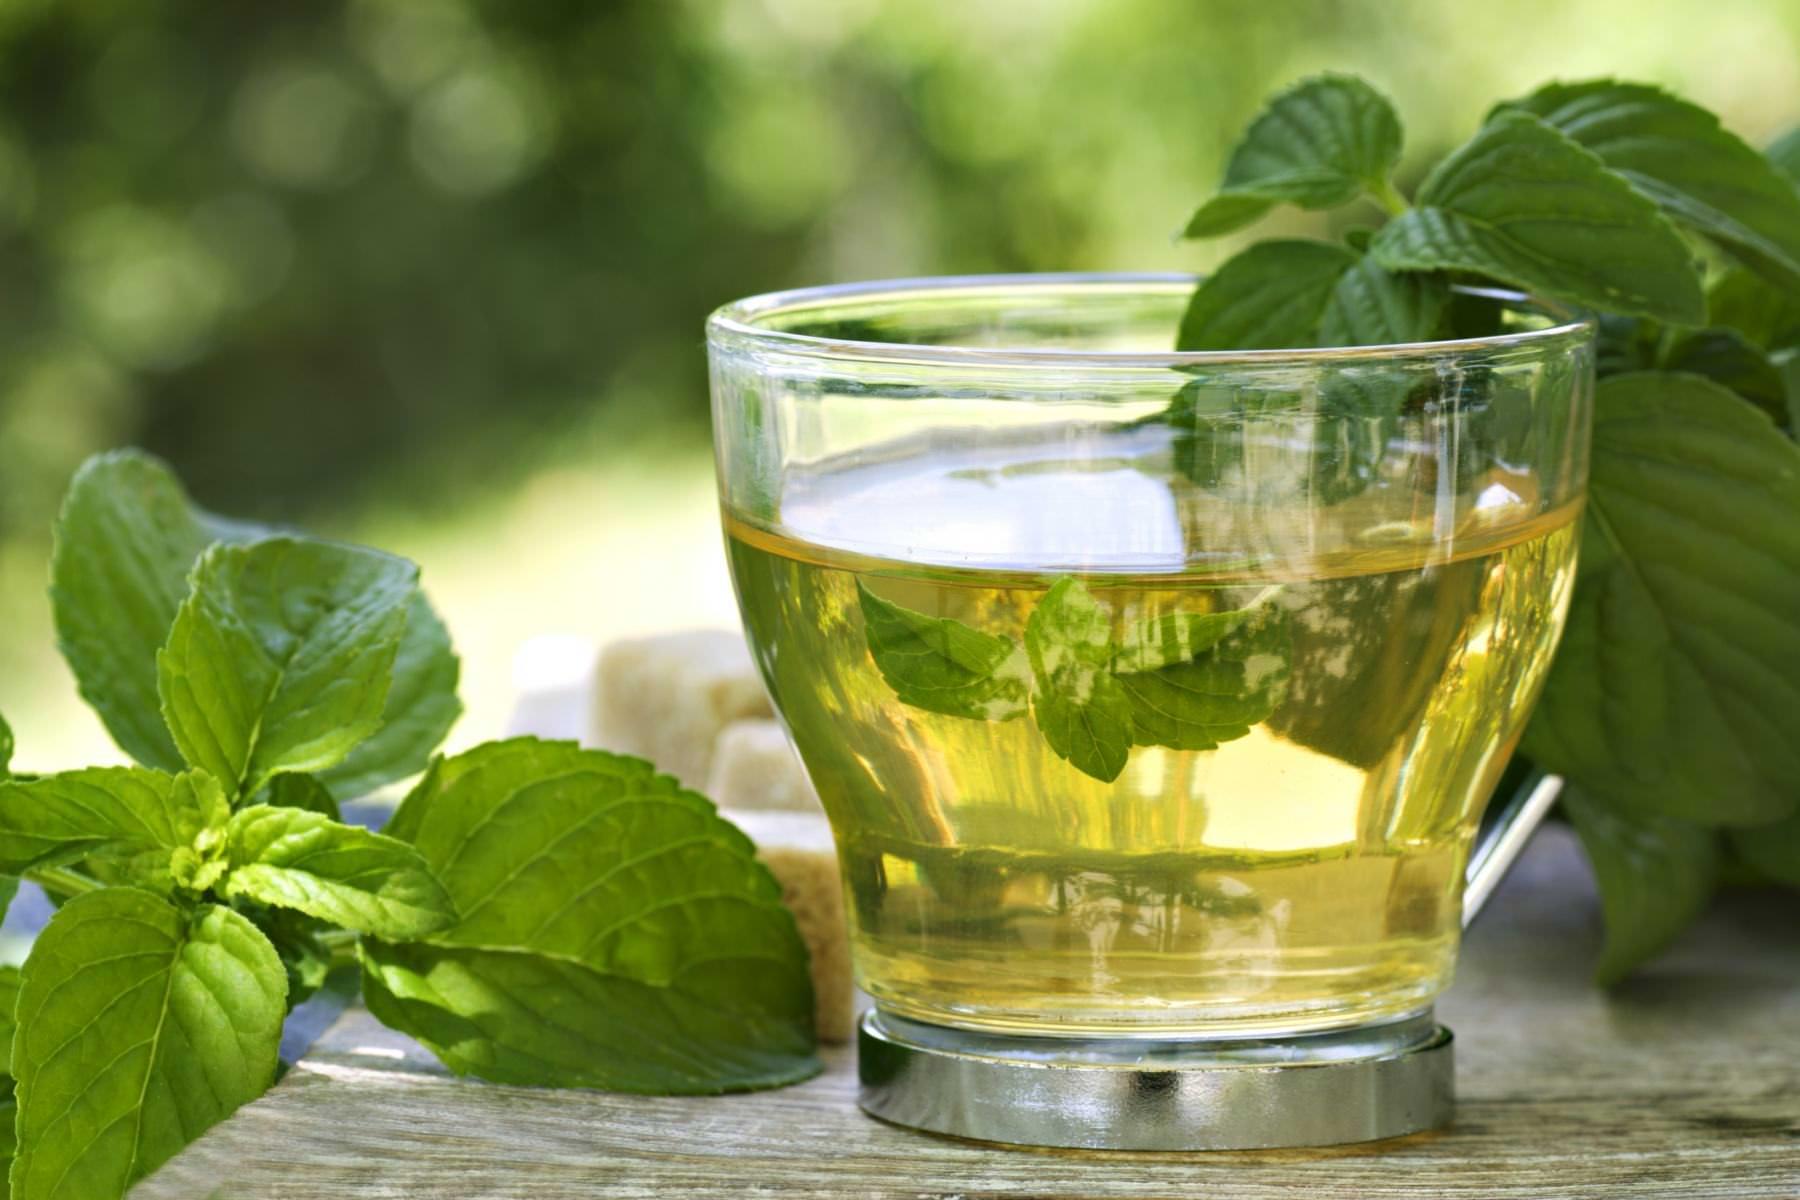 el té verde causa micción más frecuente